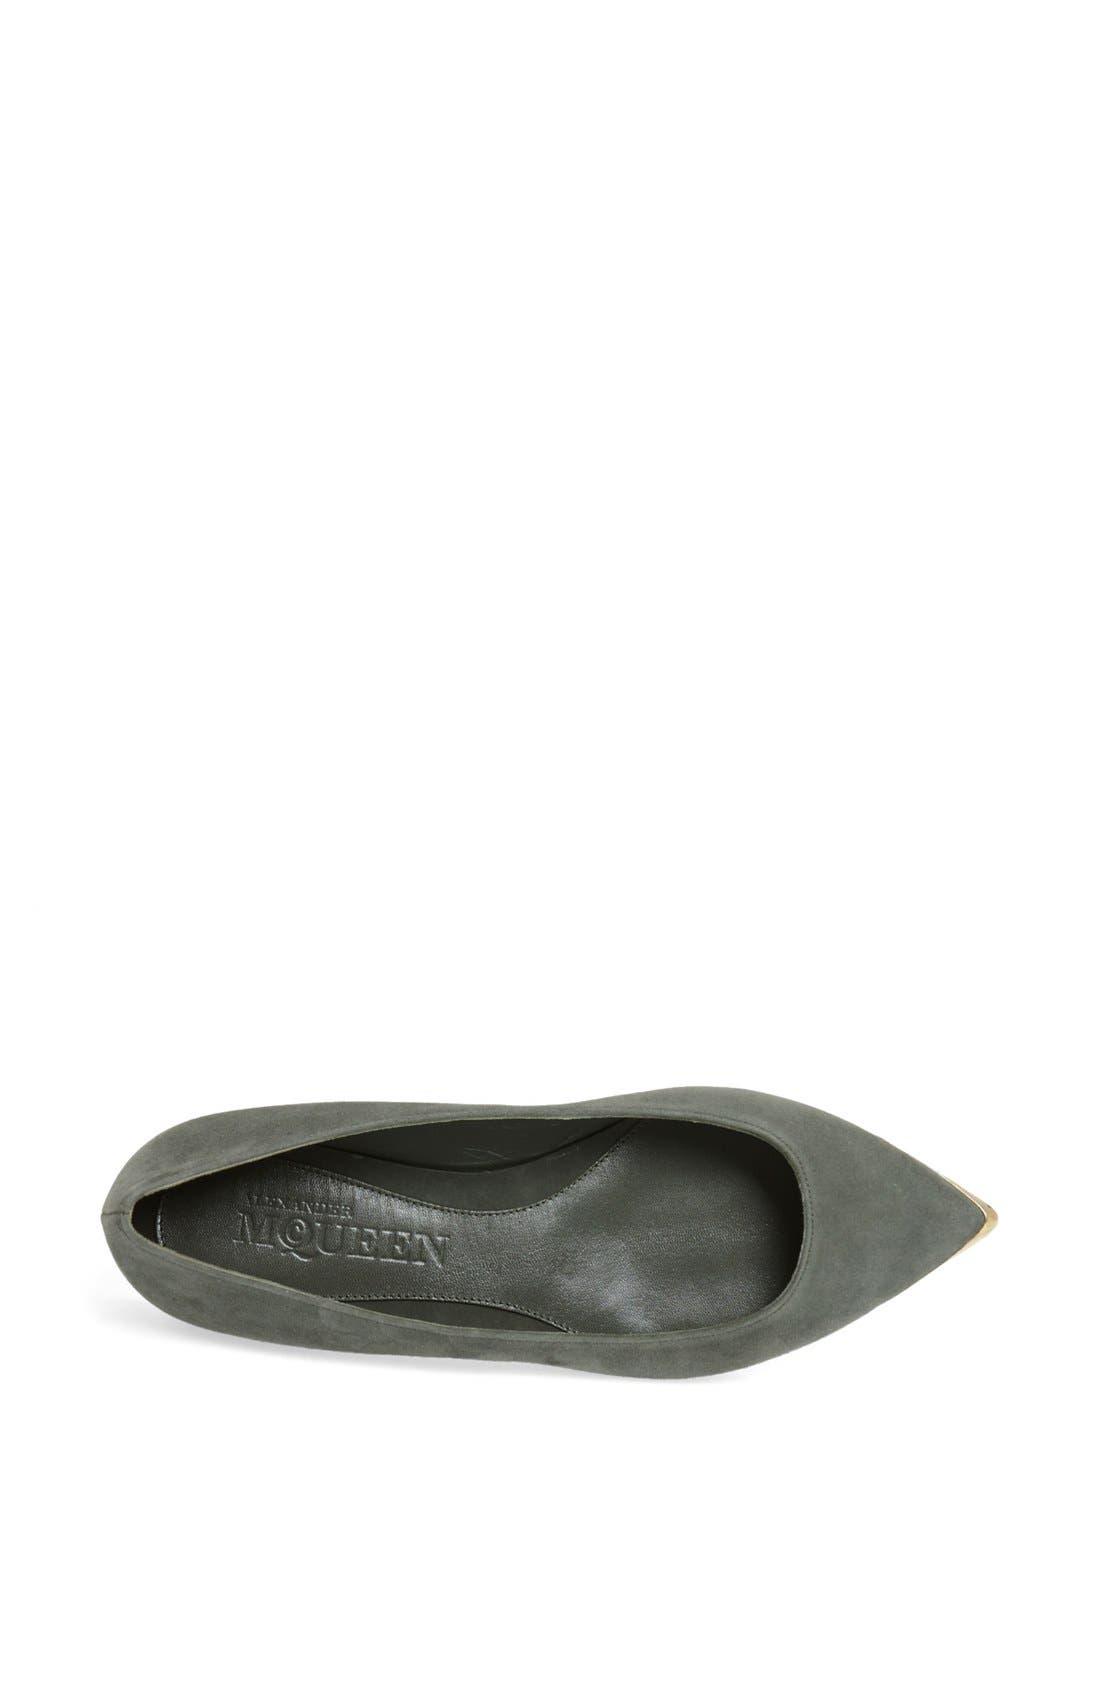 Alternate Image 3  - Alexander McQueen Metal Toe Ballet Flat